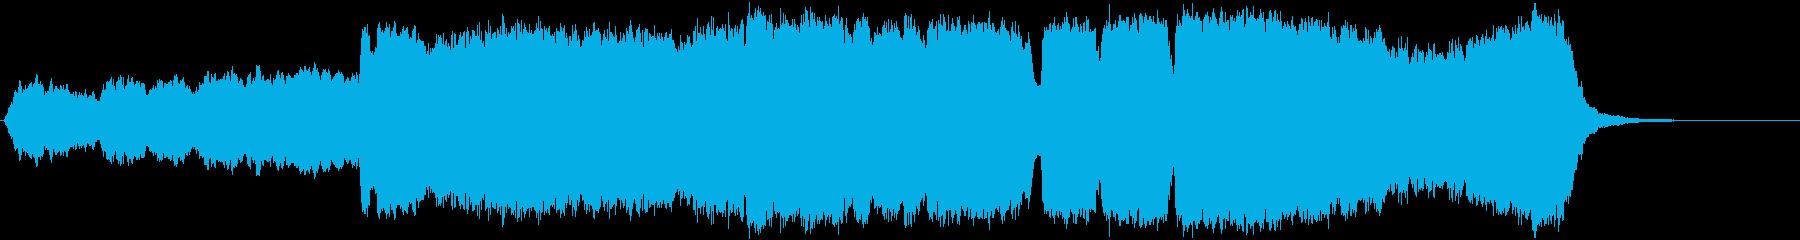 「ツァラトゥストラはかく語りき」冒頭部②の再生済みの波形